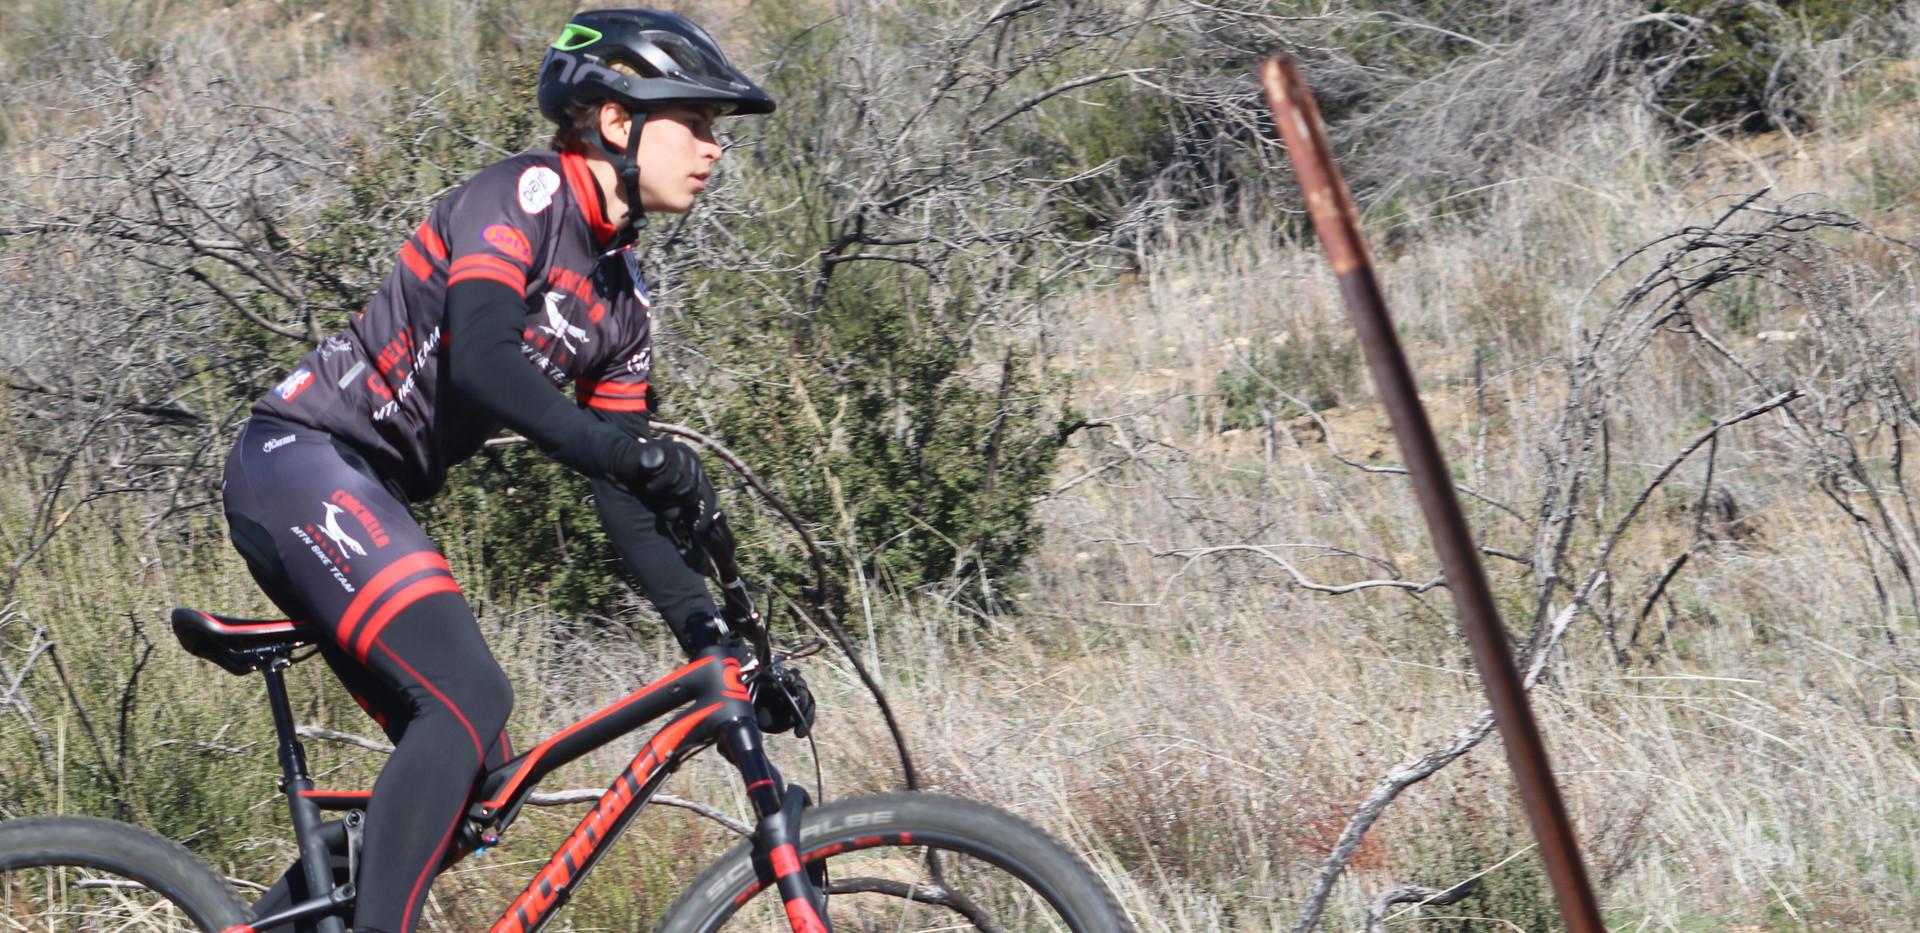 Roadrunner Beaumont Ride_0024.JPG